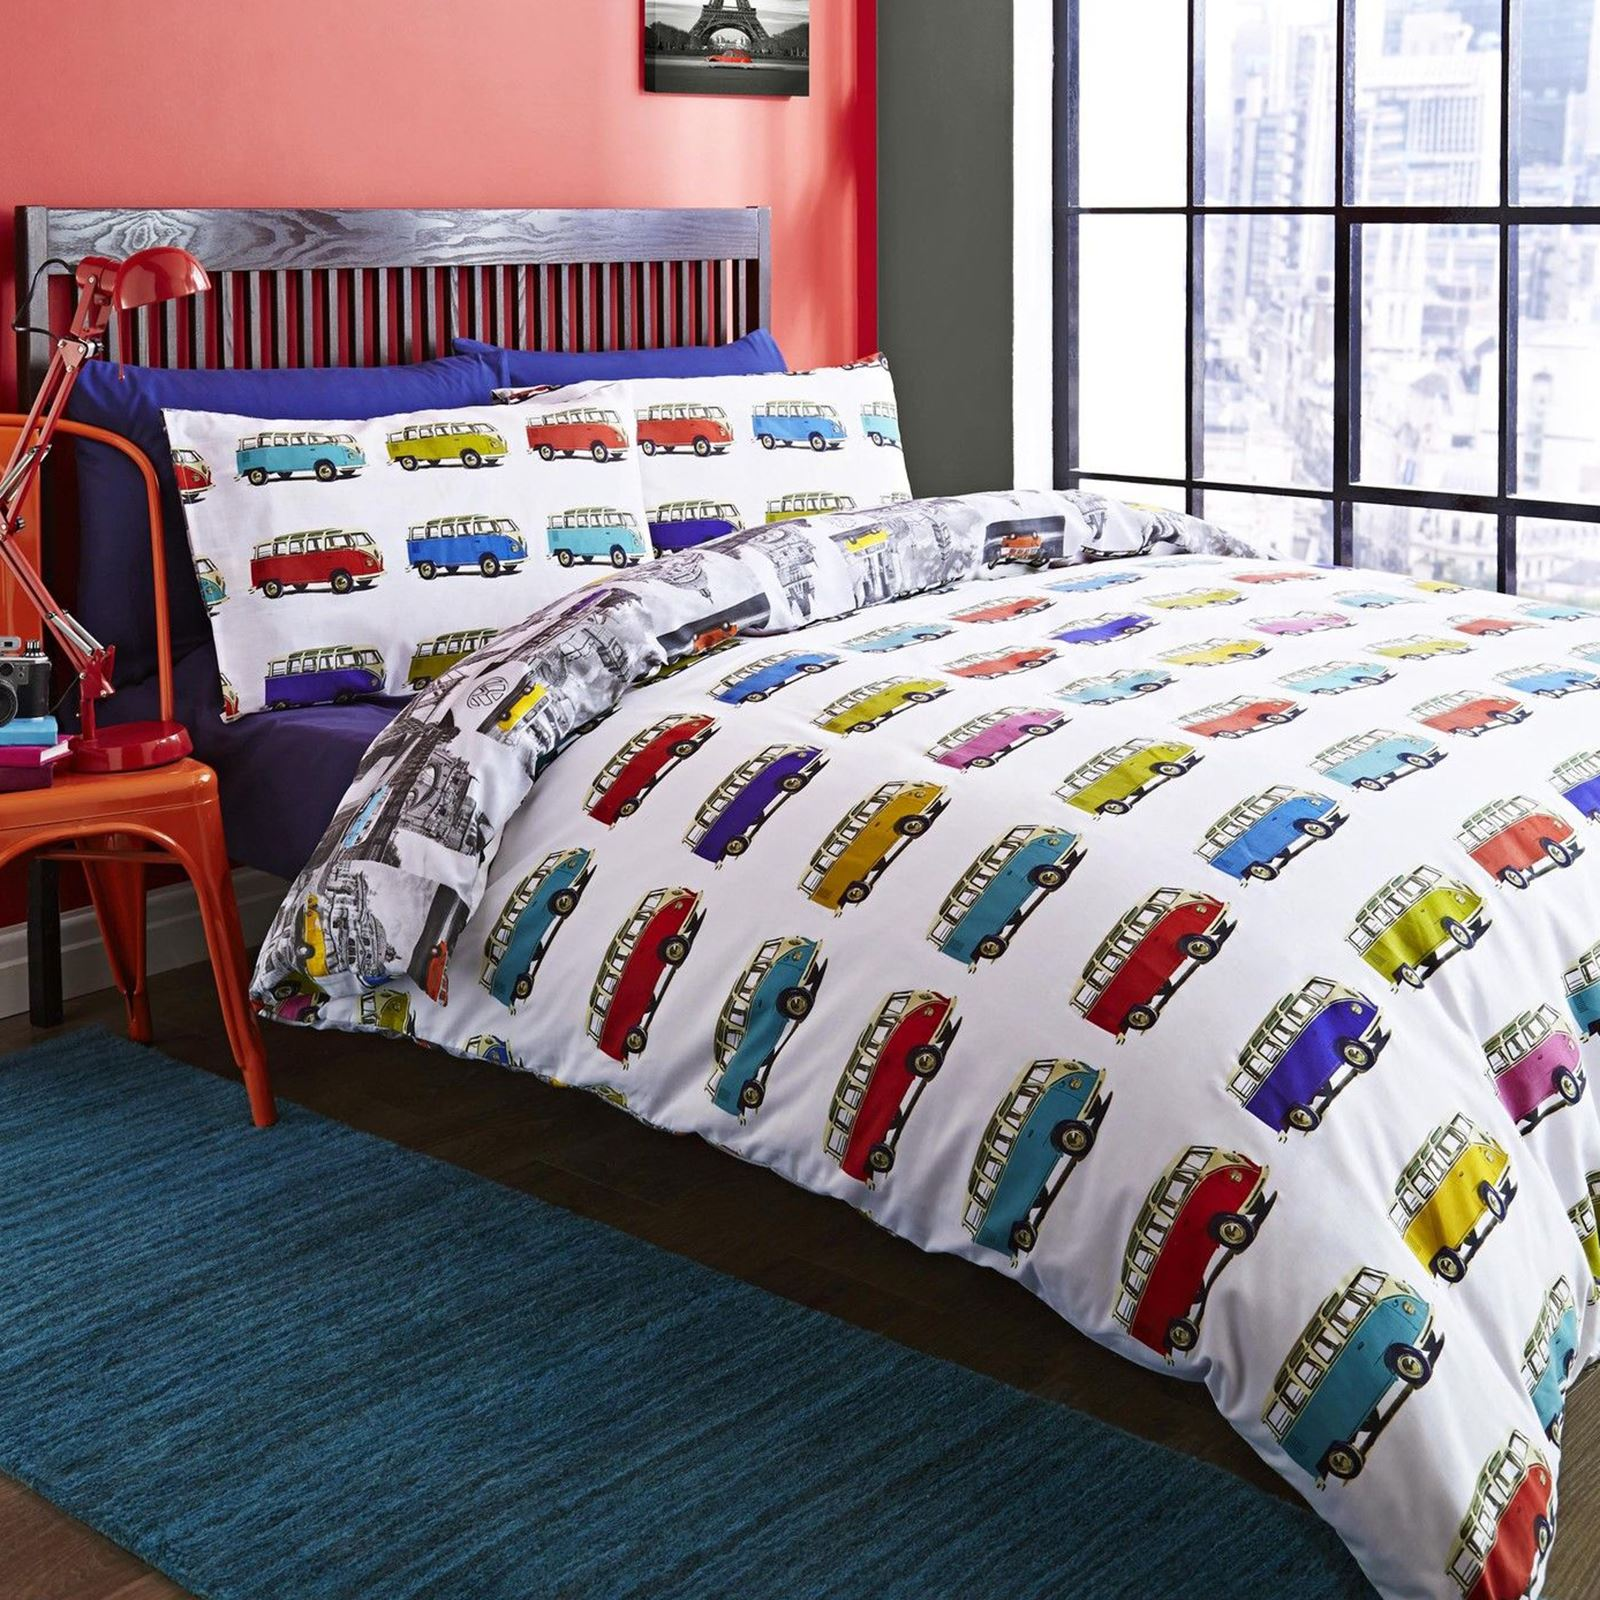 Indexbild 164 - Teenager Bettwäsche Sets - Einzel / Doppelbett Bettwäsche Jungen Musik Graffiti